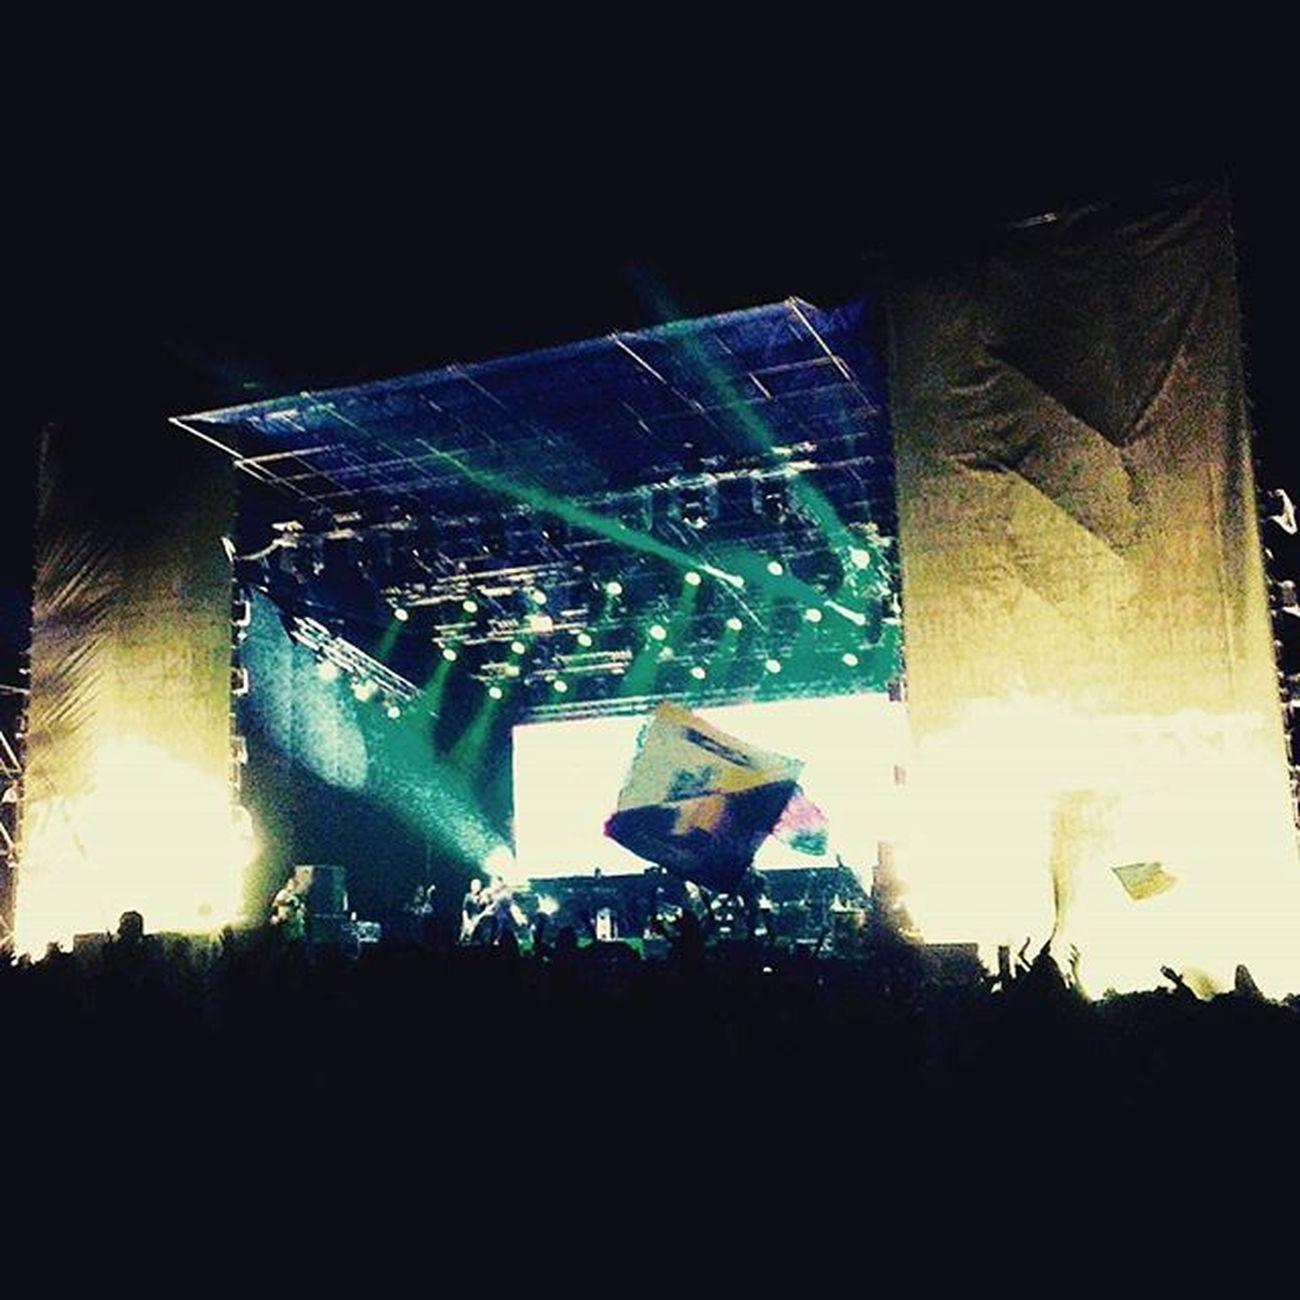 """Флаг """"Азова"""" выглядит очень гармонично на фоне немцев из Oomph! Кста, очень хорошее выступление, наверное пока одно из лучших за 2 дня фестиваля. Эмоционально, как для немецкой группы)) Zaxidfest Oomph Lemberg Азов"""